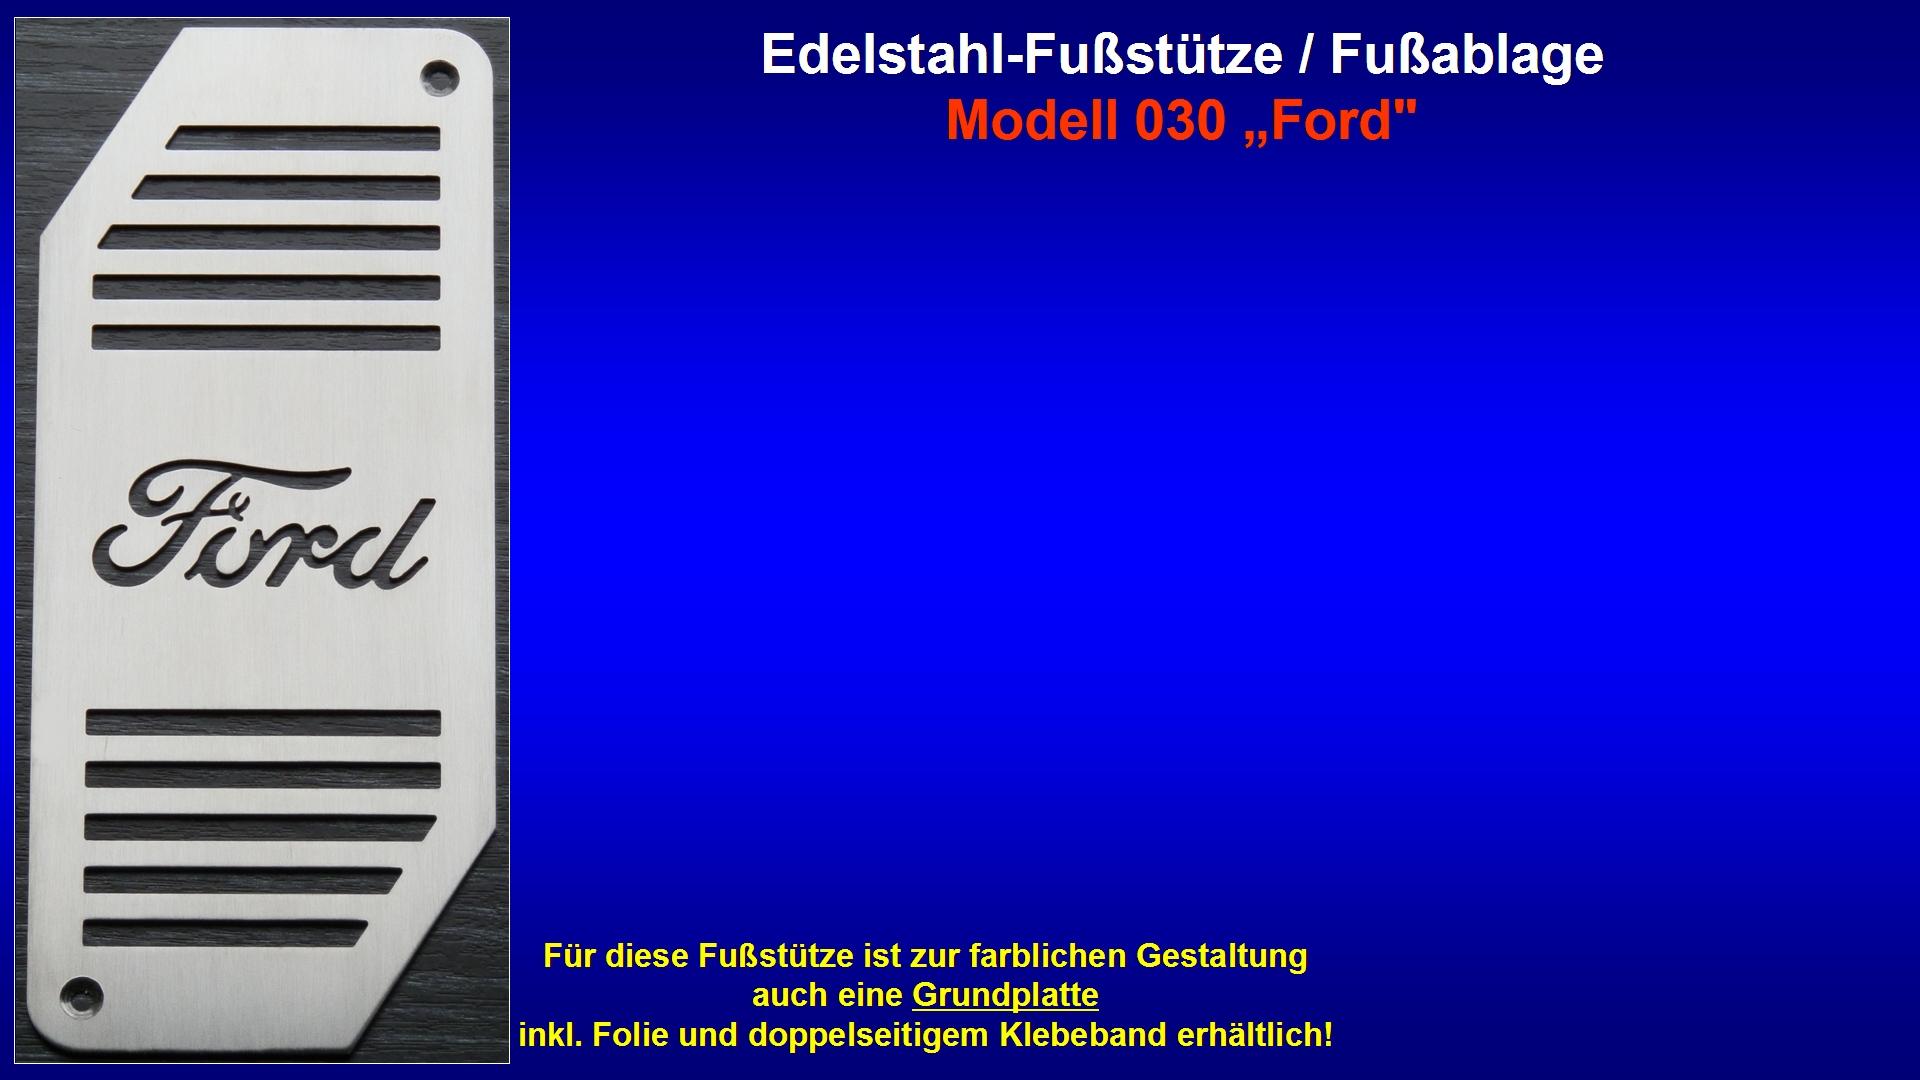 Präsentation Edelstahl-Fußstütze Modell 030 ''Ford'' [Ford-Logo].jpg